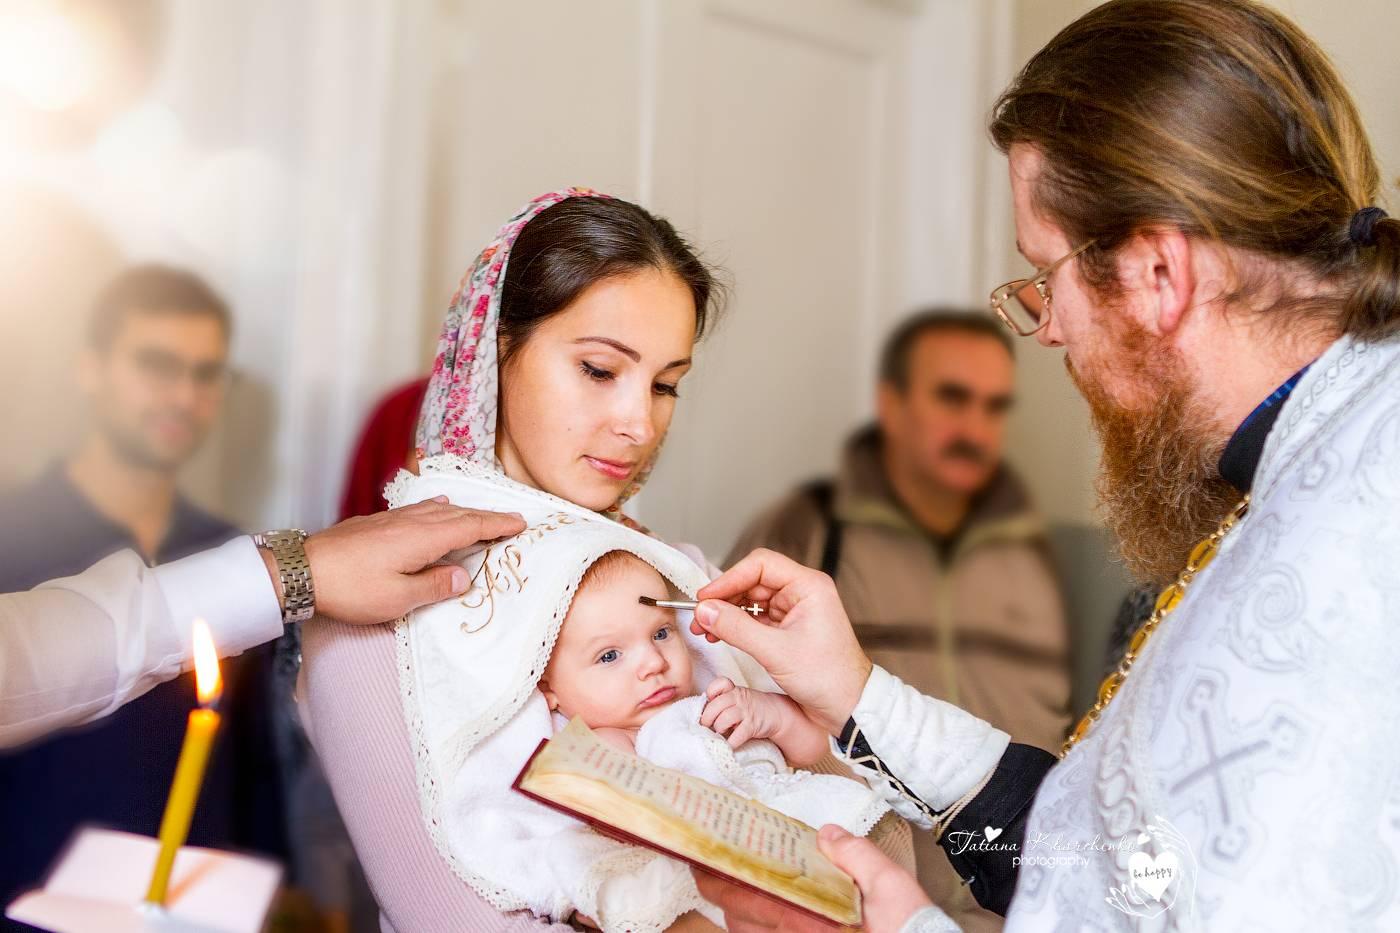 Как крестить ребенка: когда лучше крестить малыша, в какие дни, что для этого нужно